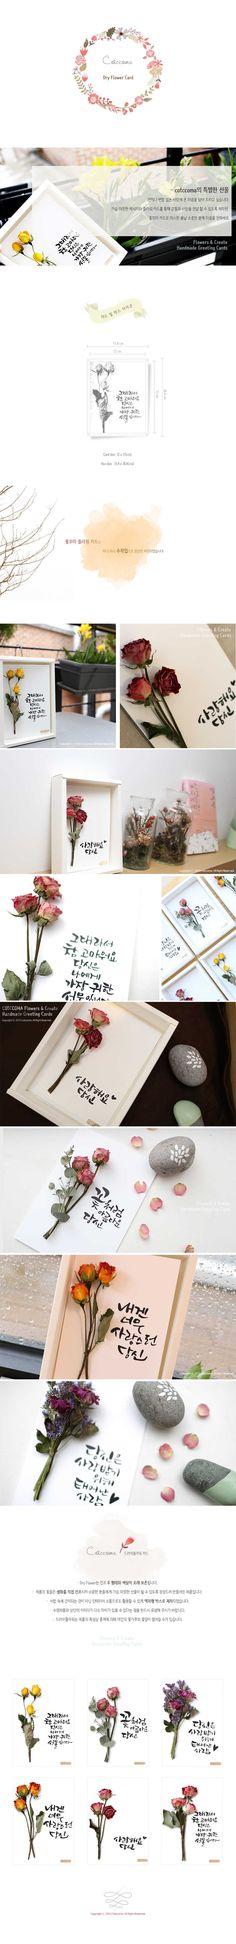 드라이플라워카드 쟈나장미 꽃처럼아름다운 당신16,000원-꽃꼬마디자인문구, 카드/편지/봉투, 감사카드, 심플바보사랑드라이플라워카드 쟈나장미 꽃처럼아름다운 당신16,000원-꽃꼬마디자인문구, 카드/편지/봉투, 감사카드, 심플바보사랑